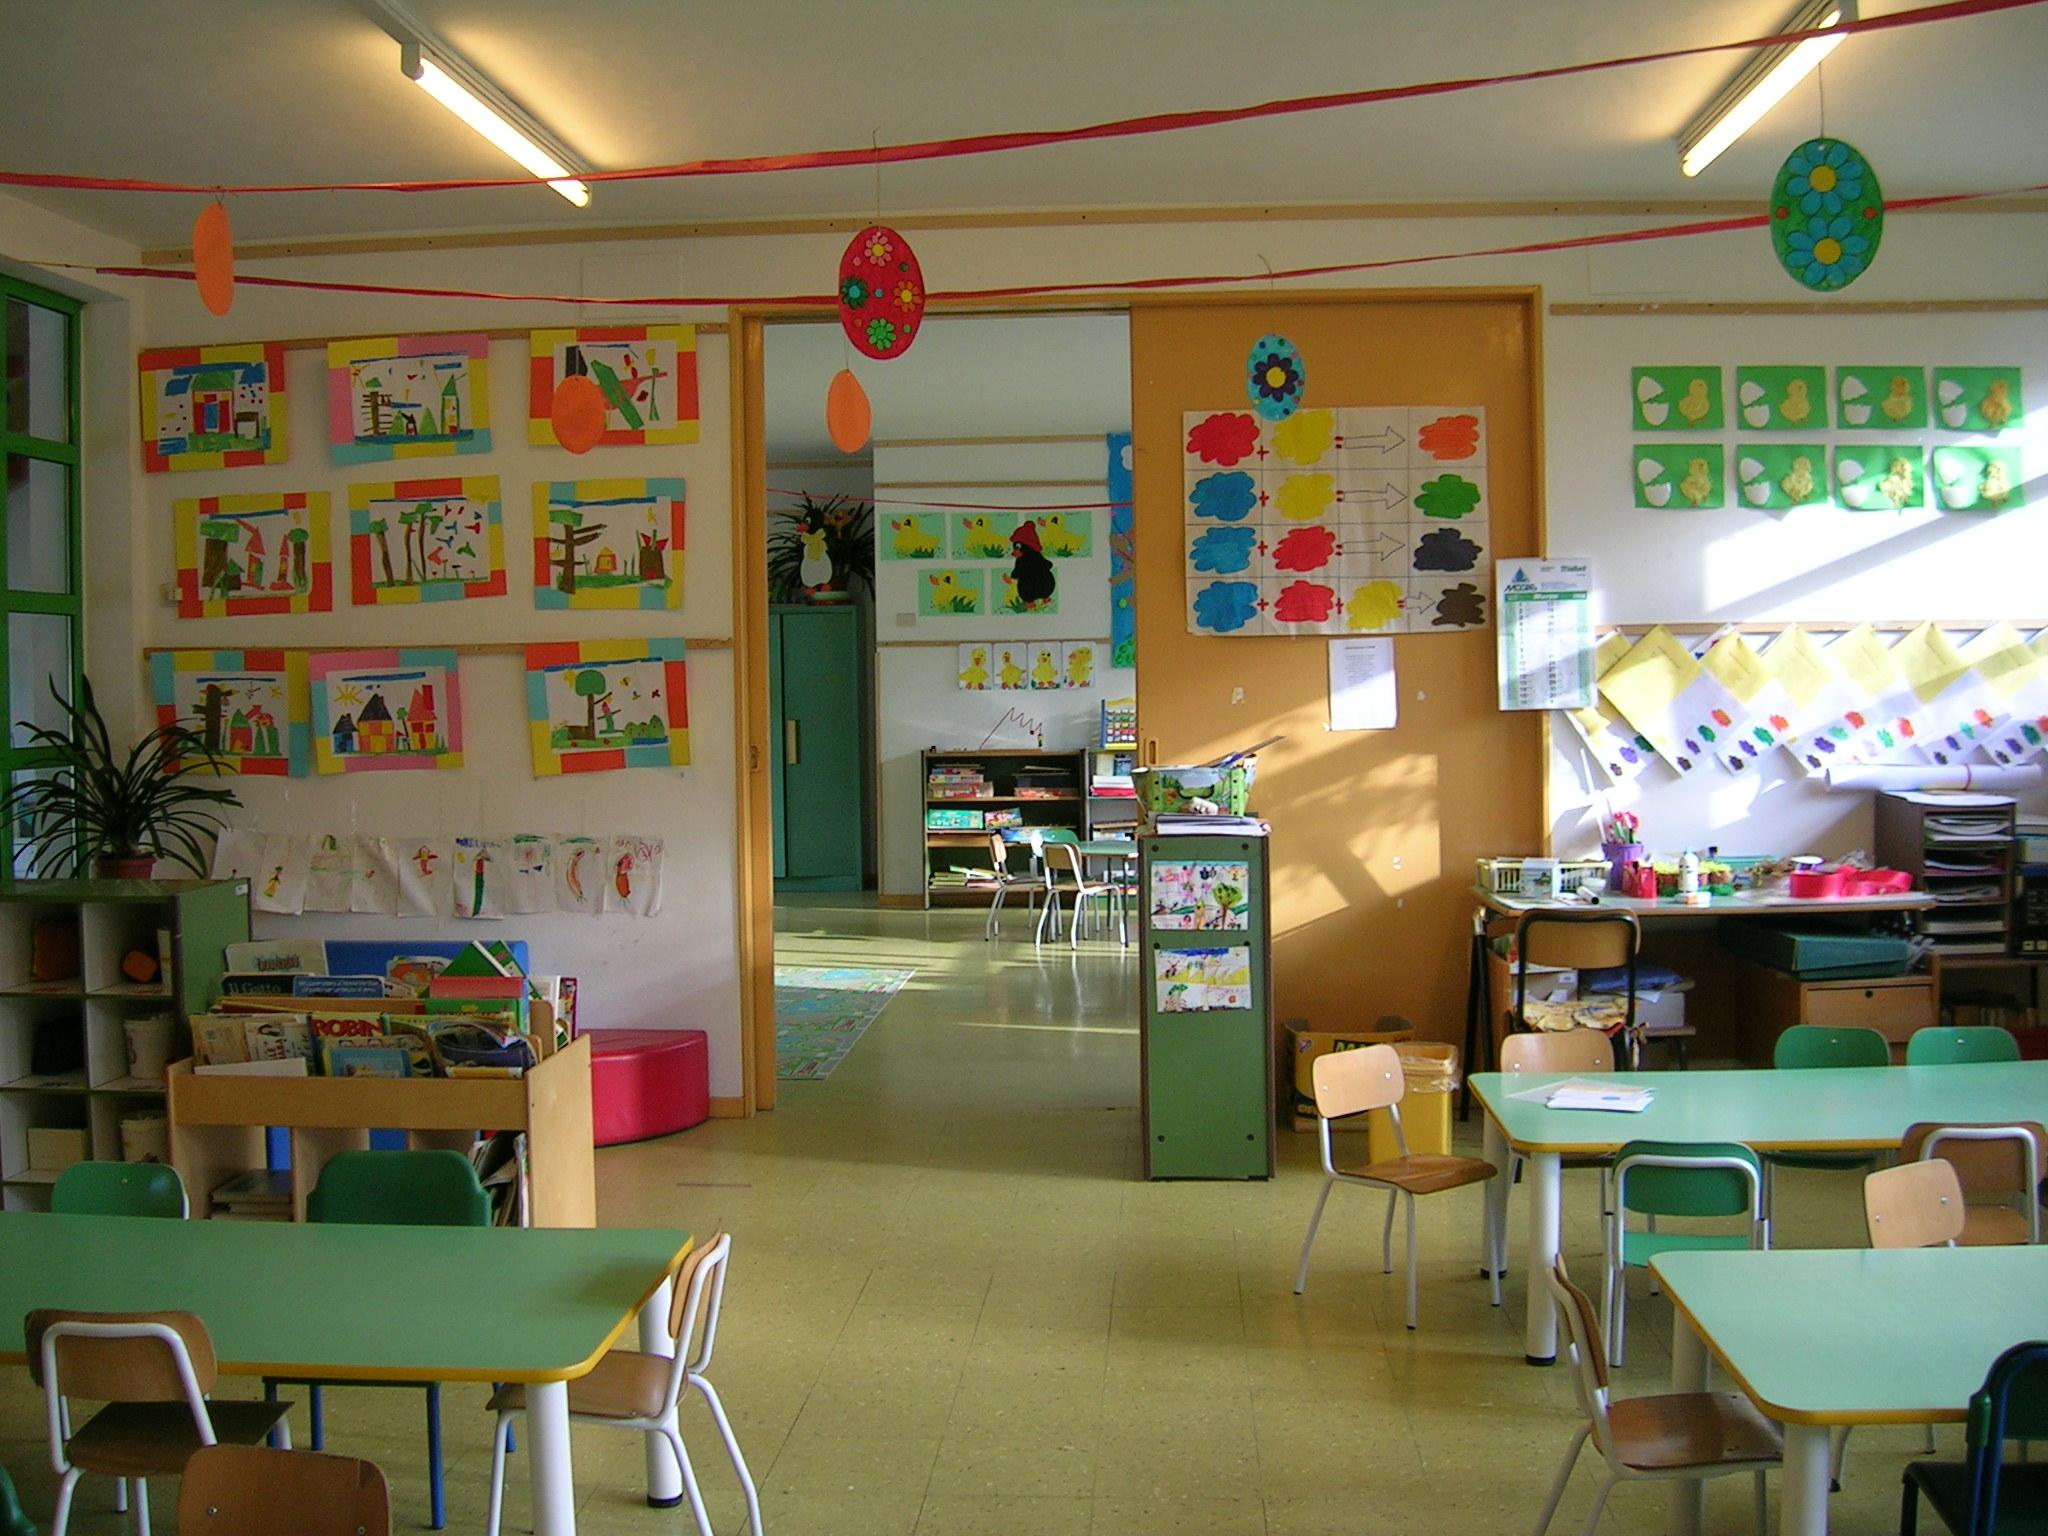 Terremoto firenze caduto intonaco in scuola primaria for Addobbi natalizi per scuole materne